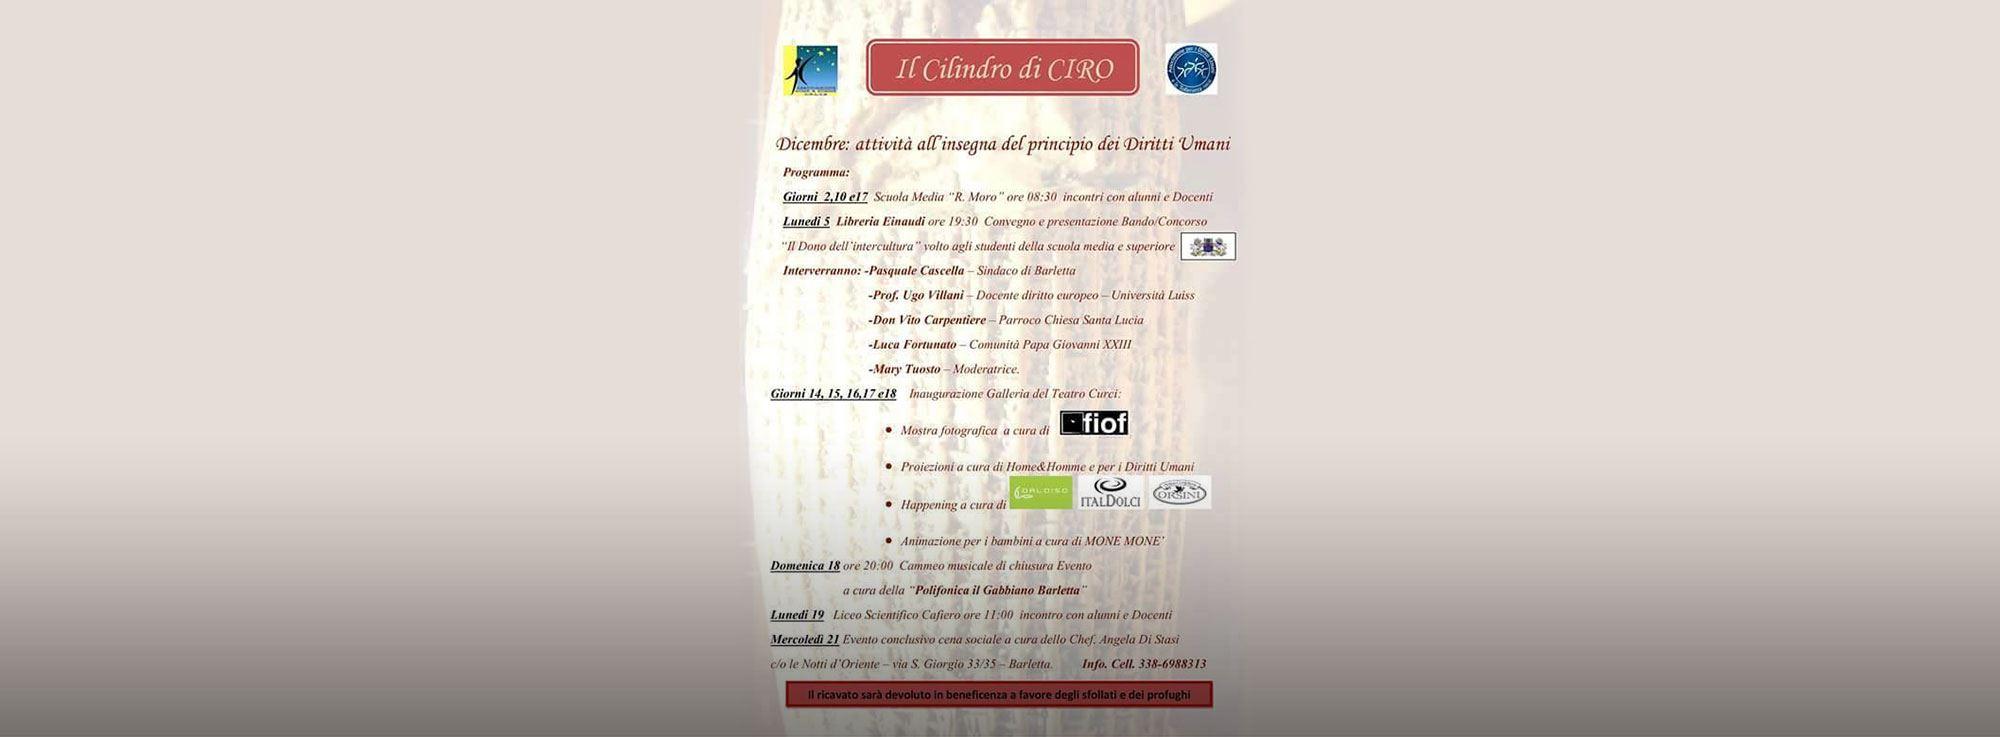 Barletta: Il Cilindro di Ciro